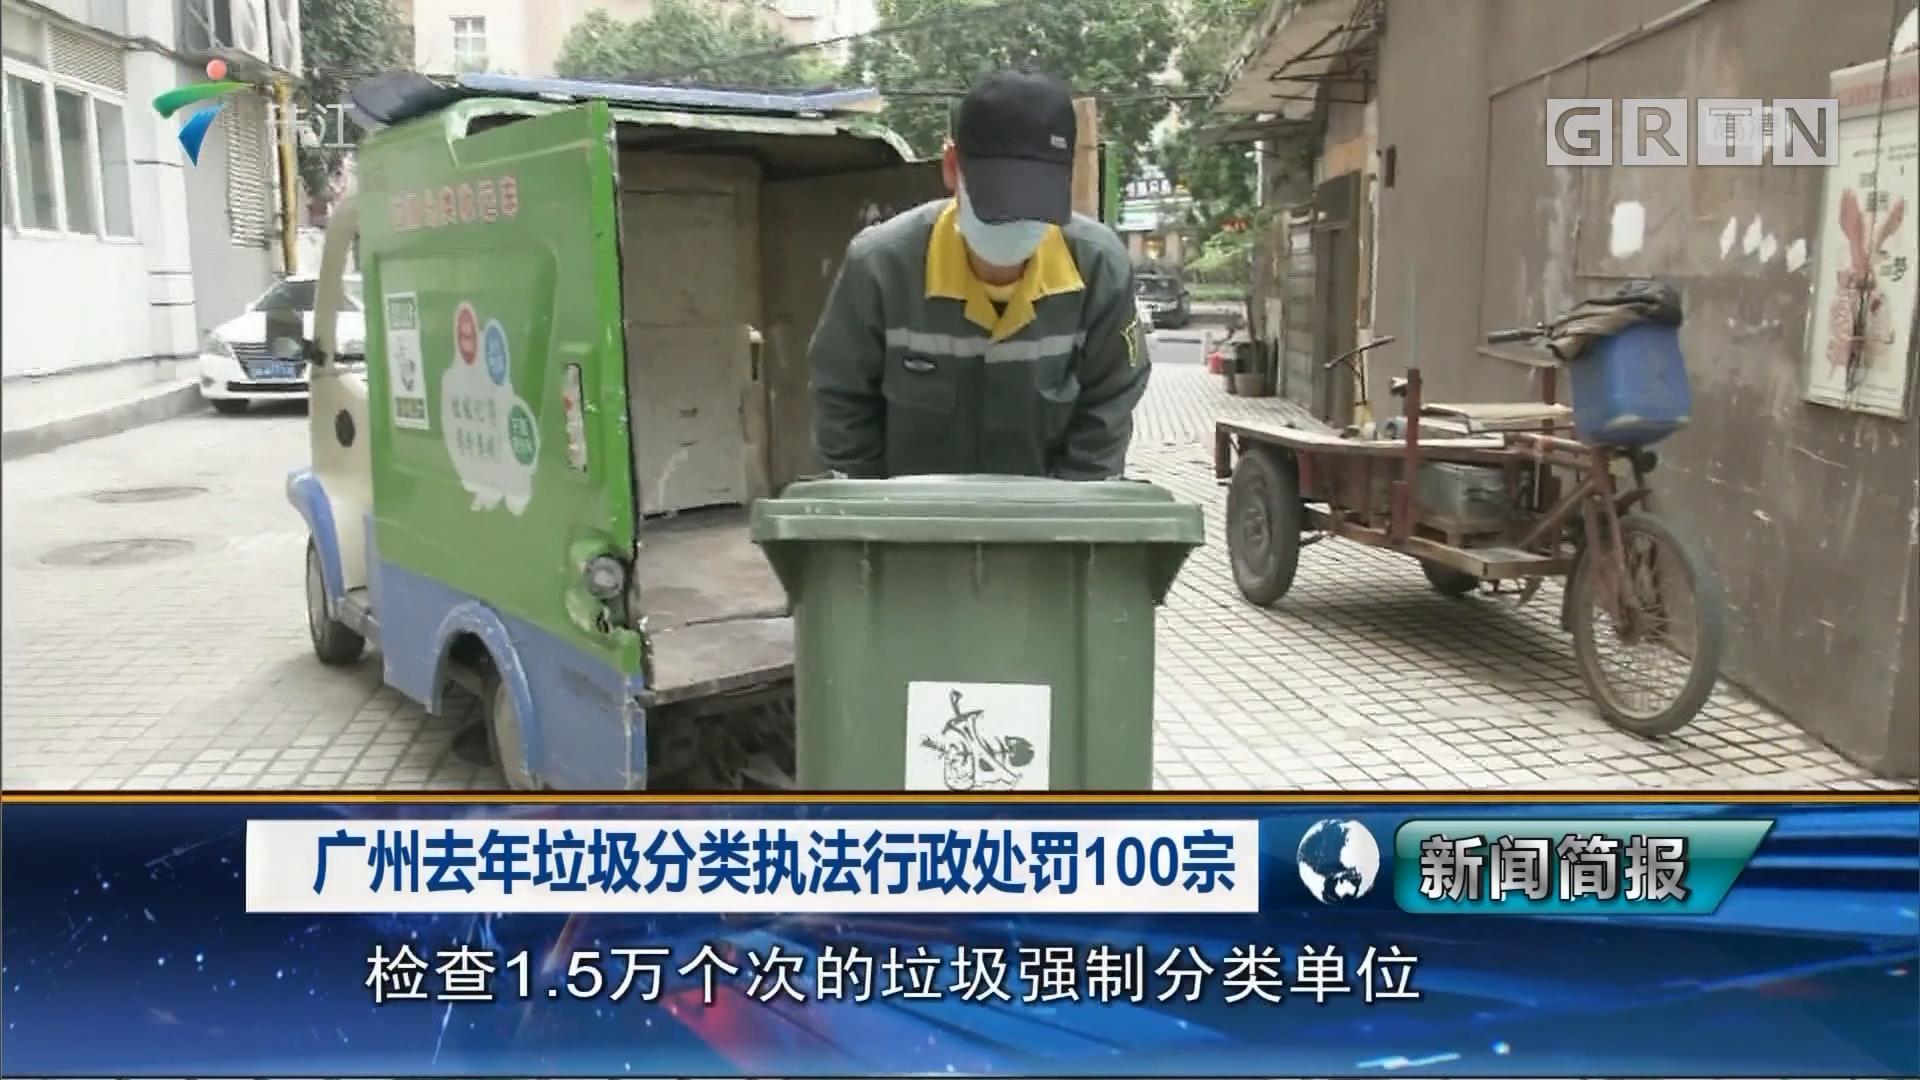 广州去年垃圾分类执法行政处罚100宗